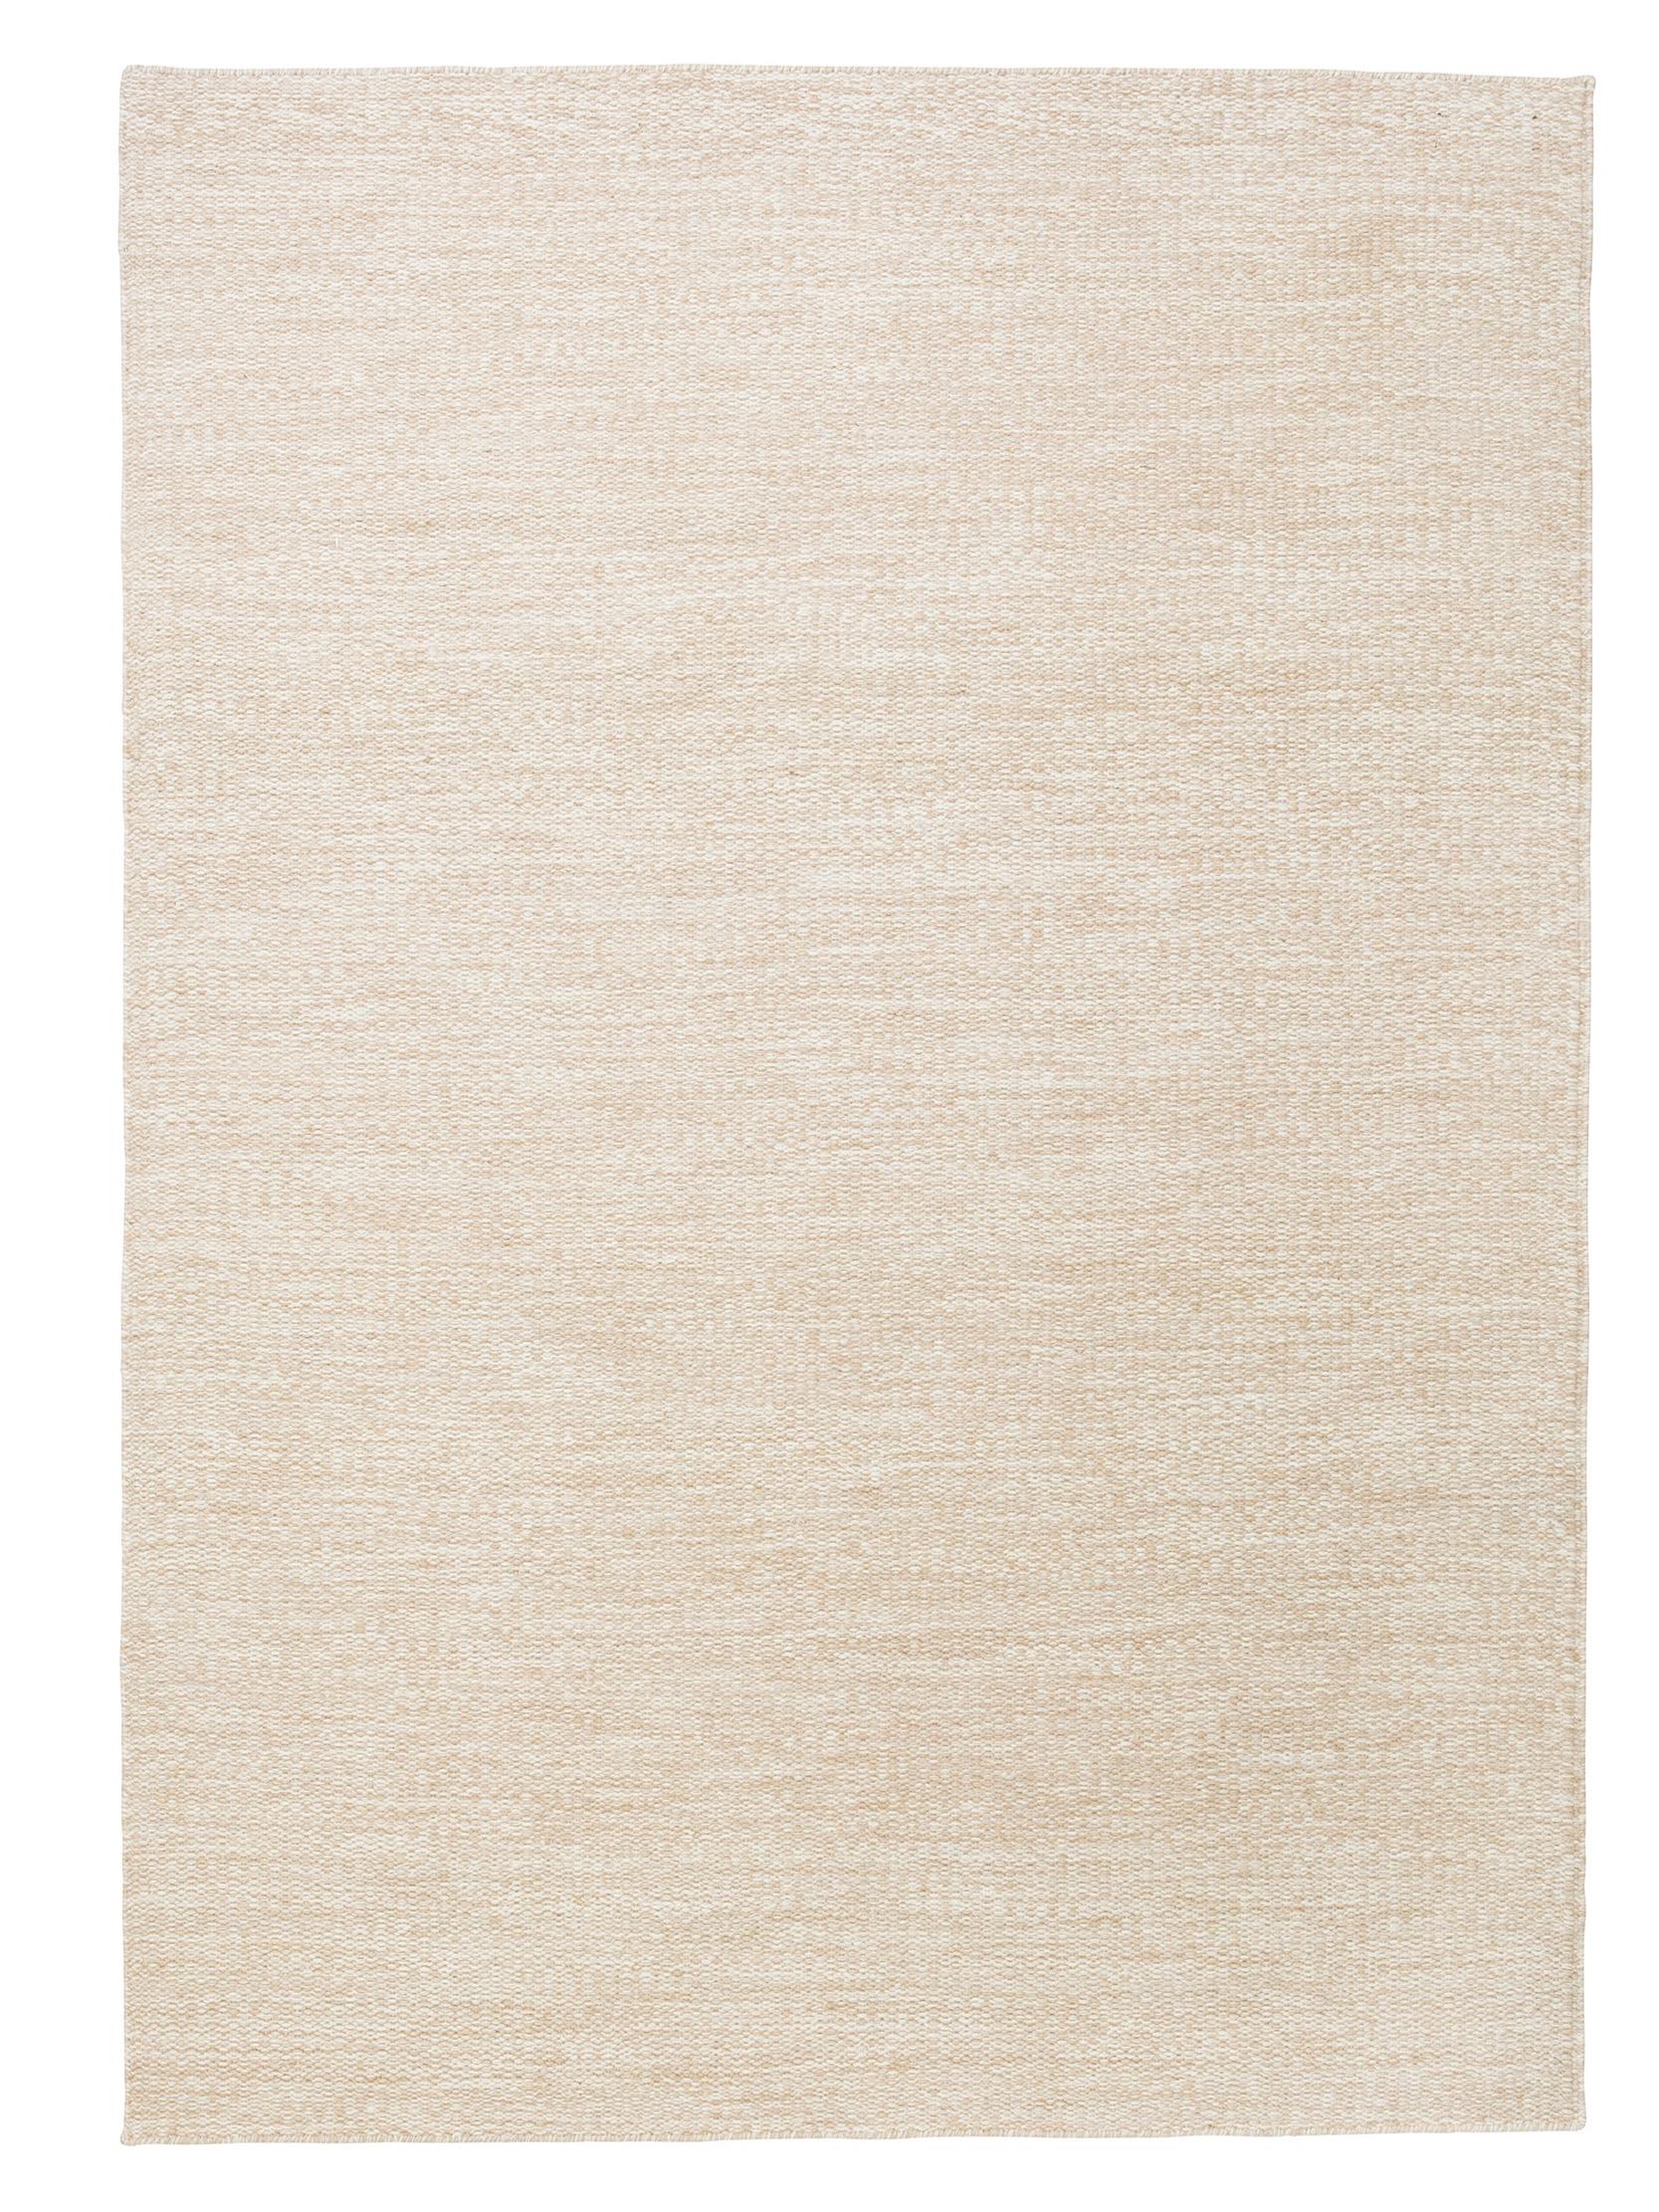 Gimle 1011 White/Off White